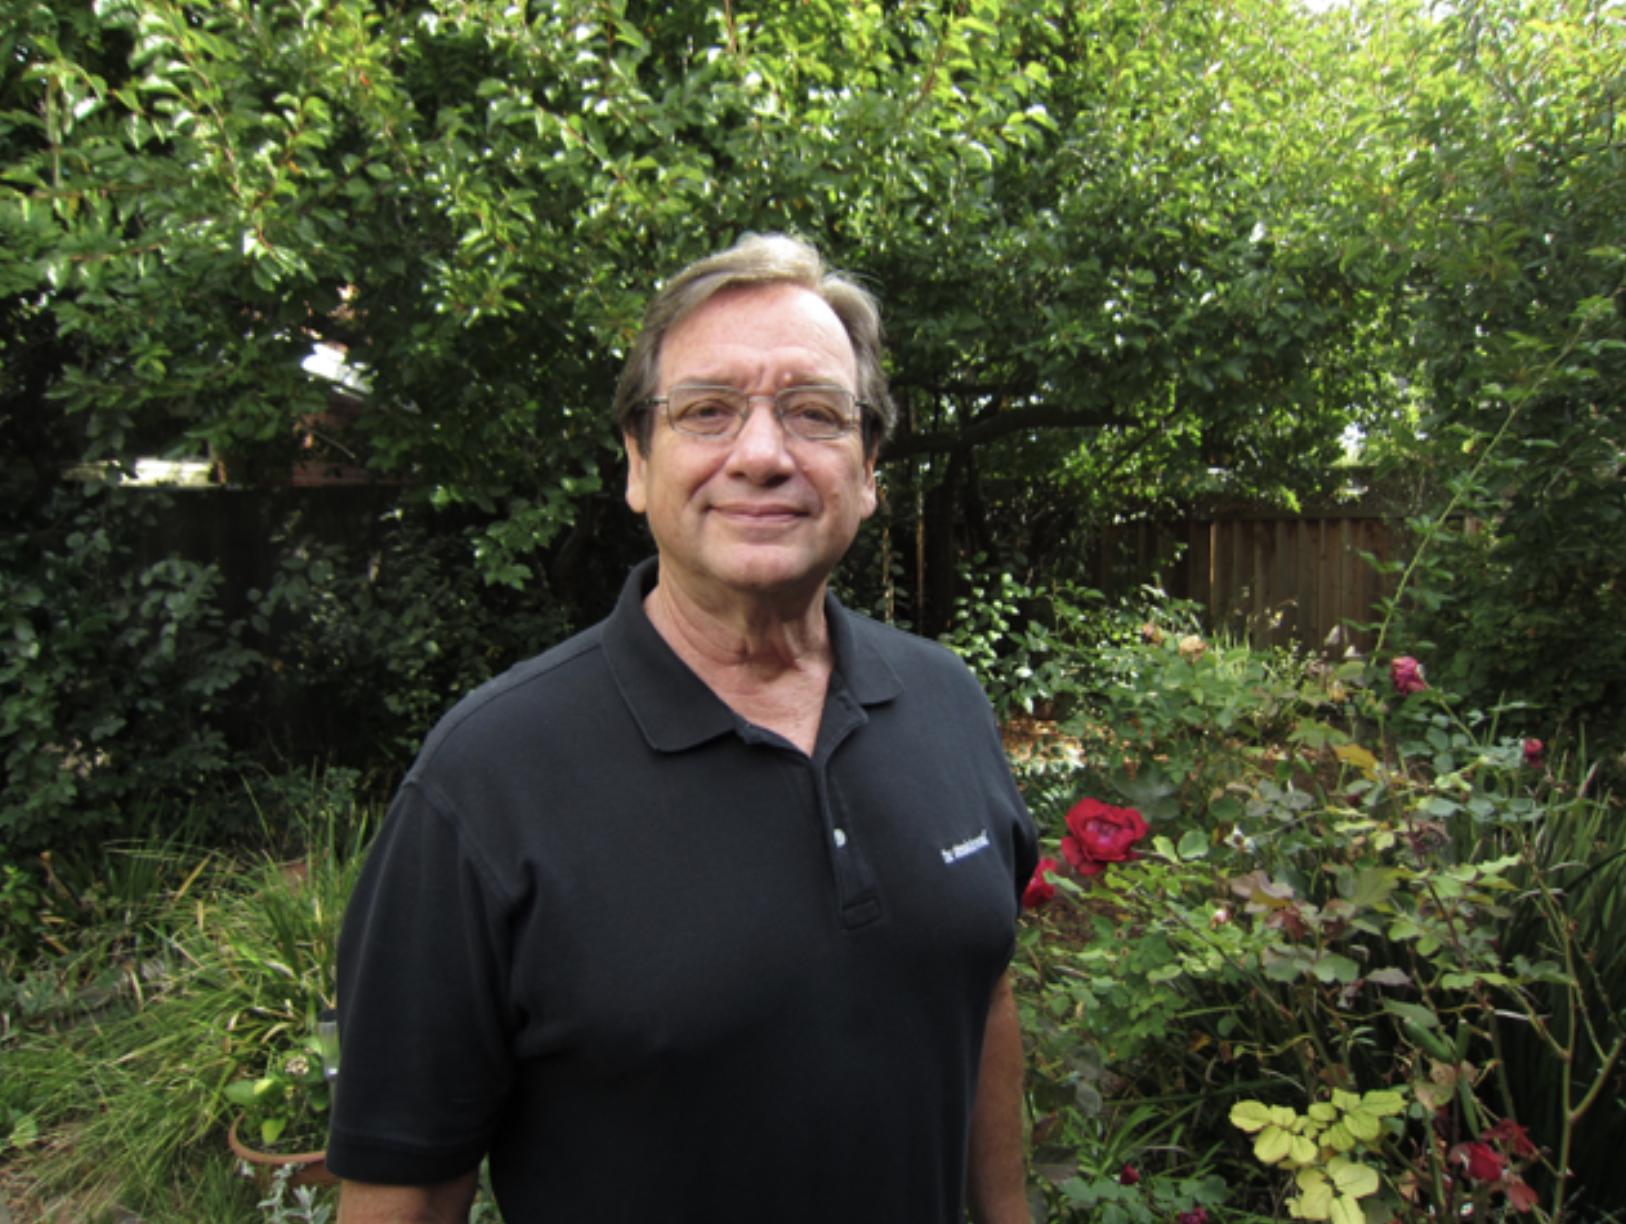 TAS Announces Retirement of Publisher Jim Hannon